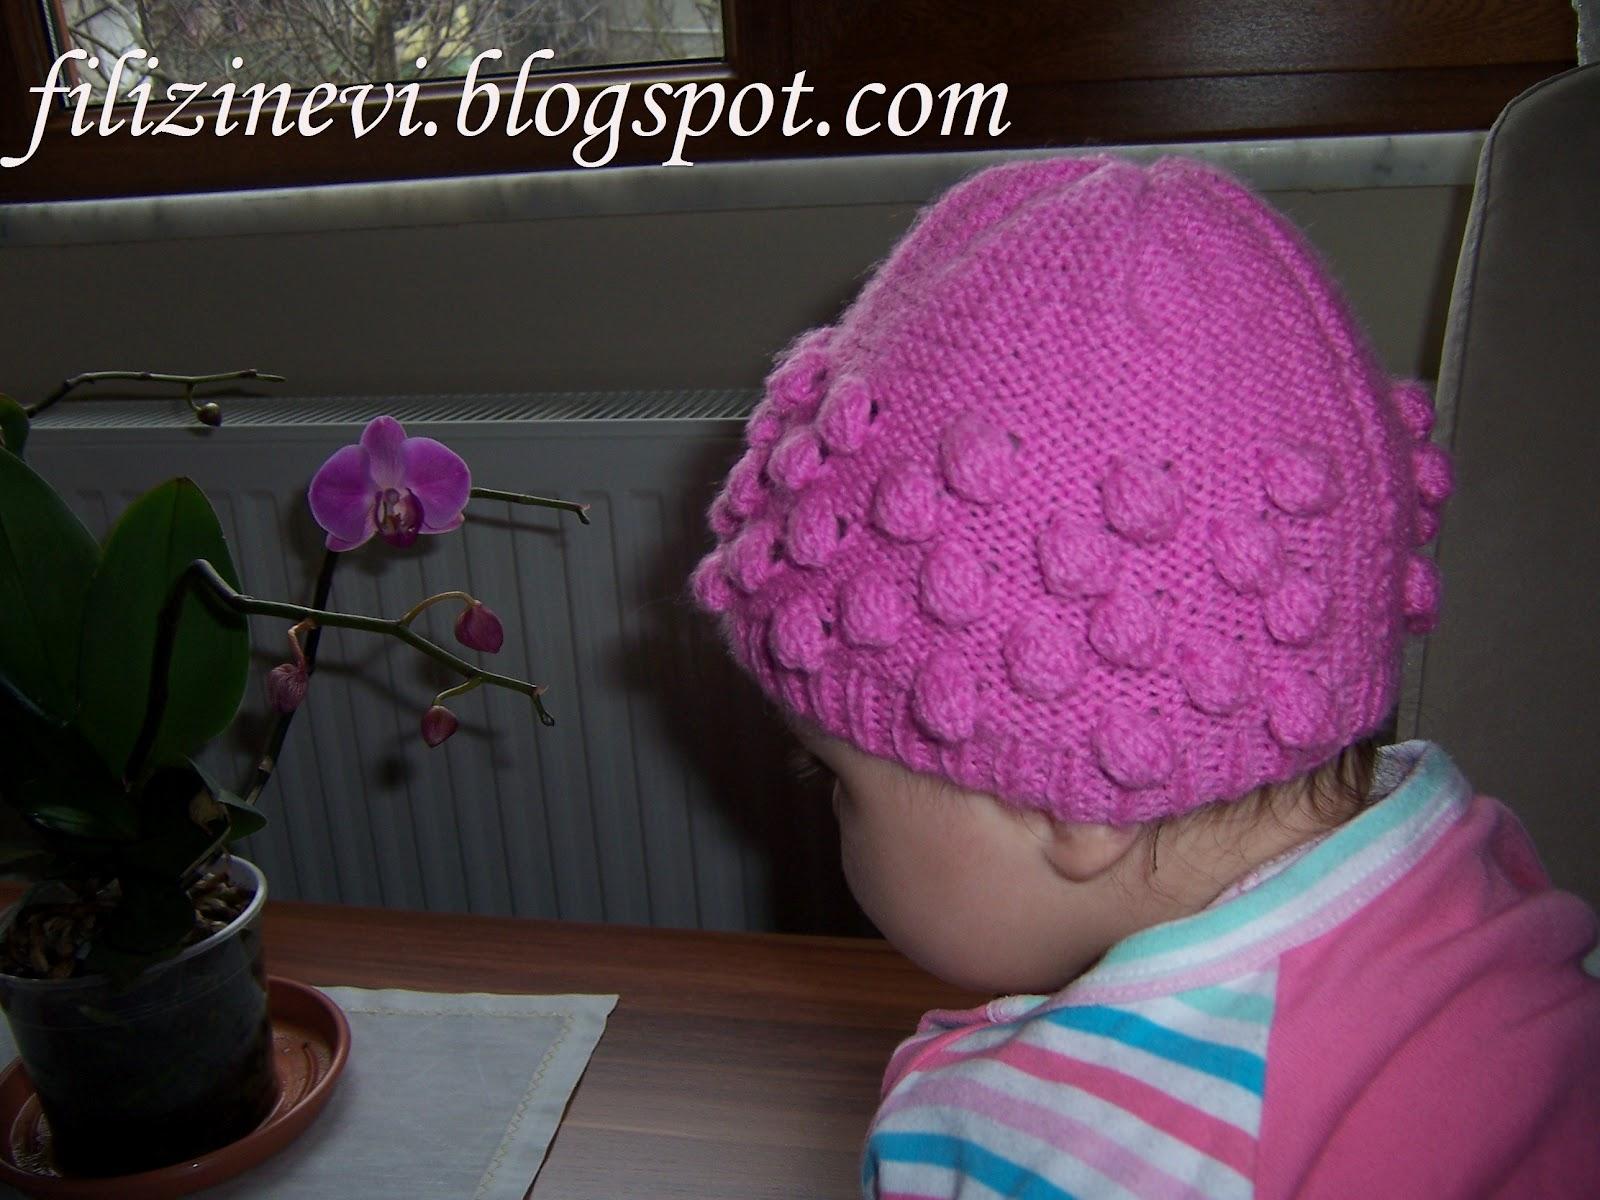 Yaprak-ve-çiçek-desenli-şapka-modeli